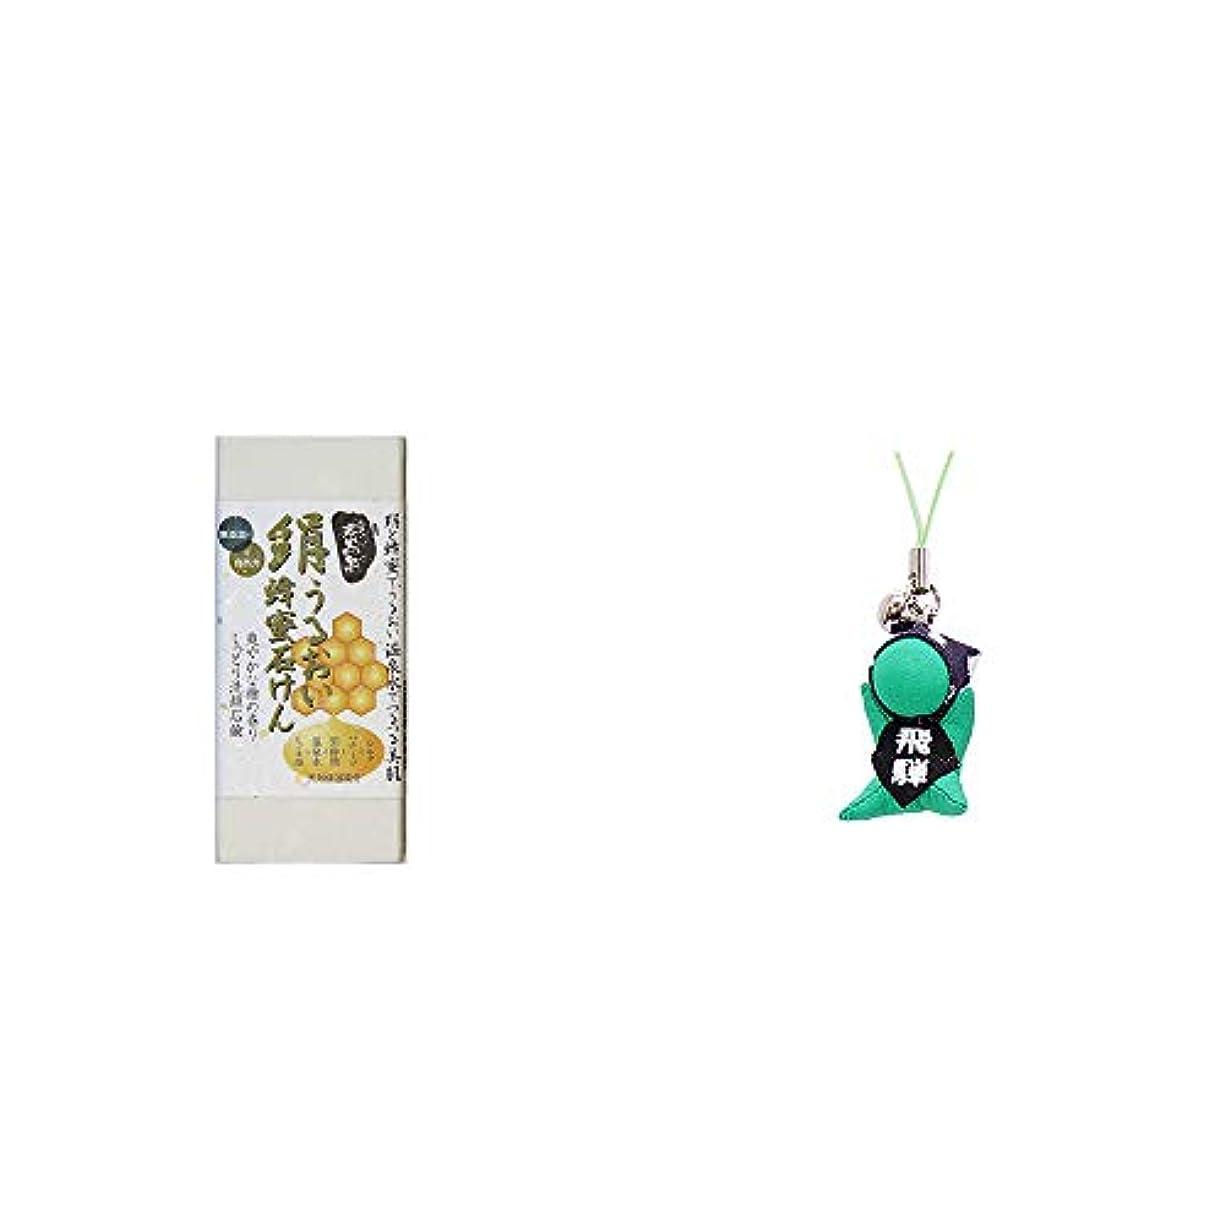 影響を受けやすいですアロング純粋な[2点セット] ひのき炭黒泉 絹うるおい蜂蜜石けん(75g×2)?さるぼぼ幸福ストラップ 【オレンジ】 / 風水カラー全9種類 妊娠(子宝) お守り//